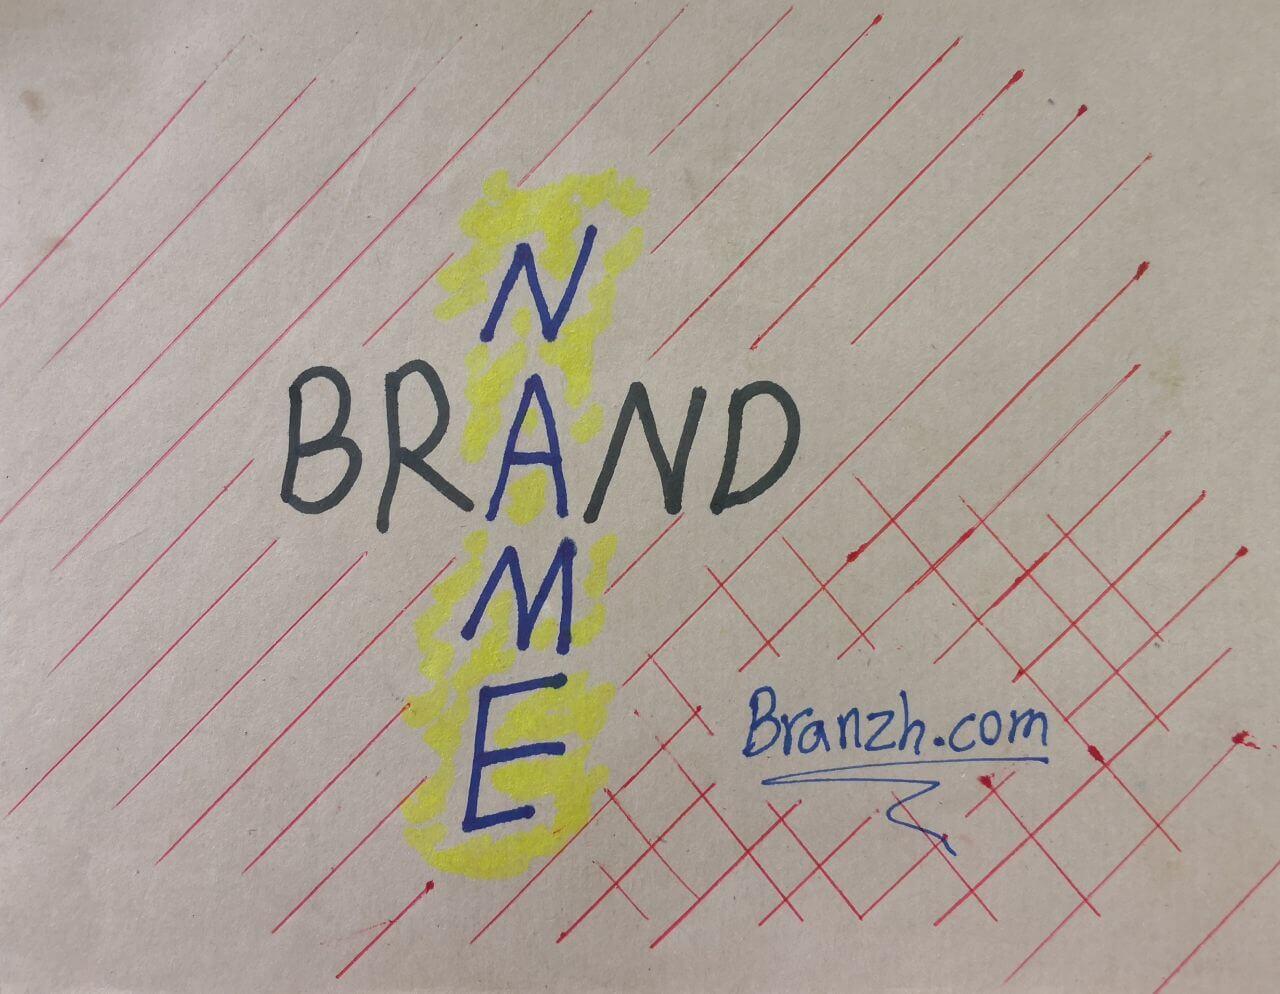 انتخاب اسم زیبا برای برند و کسب و کار